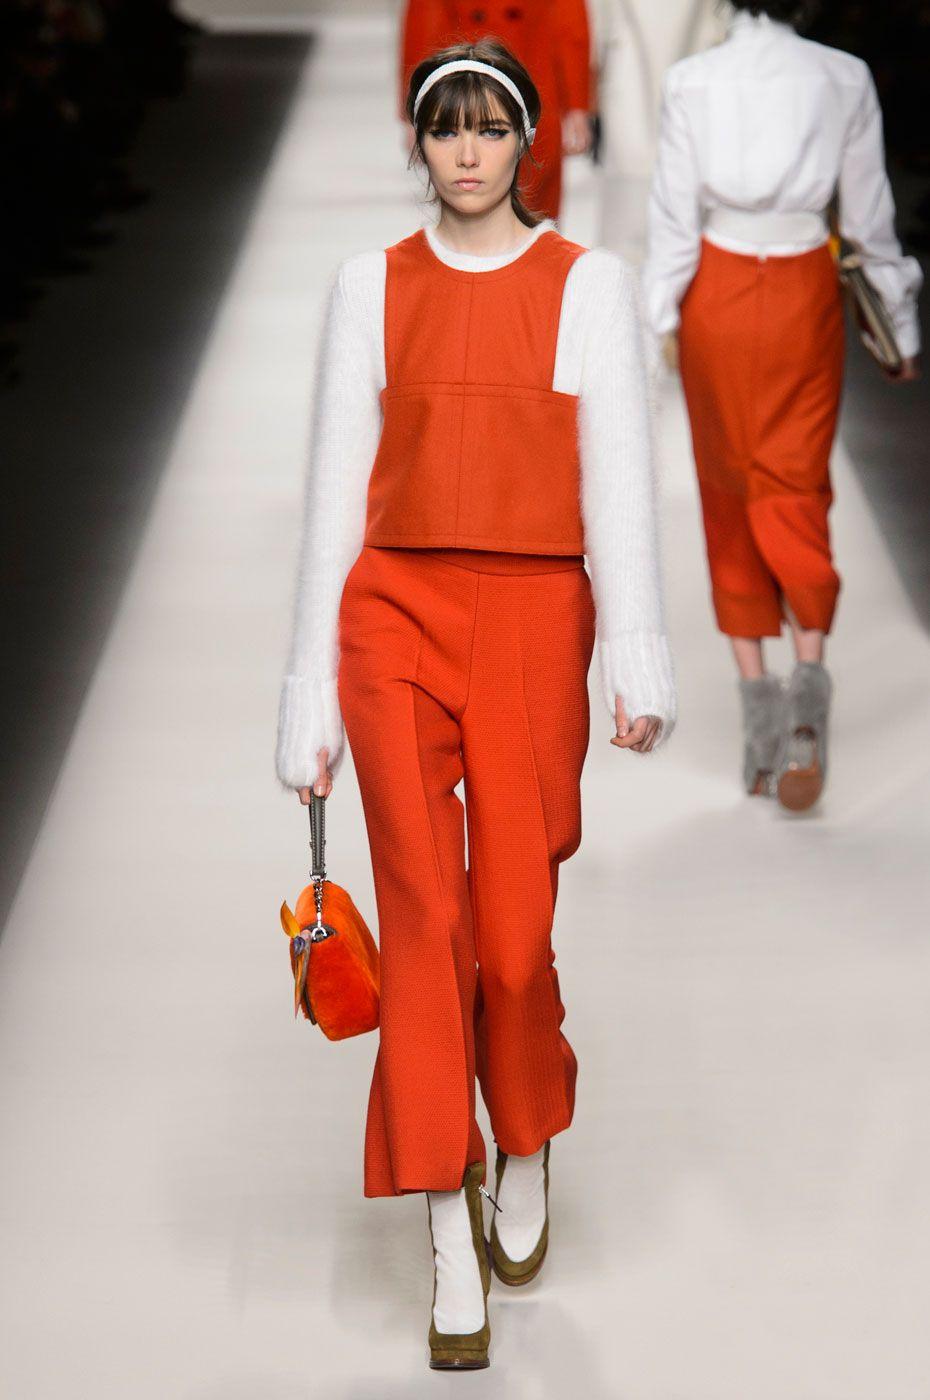 Fendi | Milão | Inverno 2016 - Vogue | Desfiles